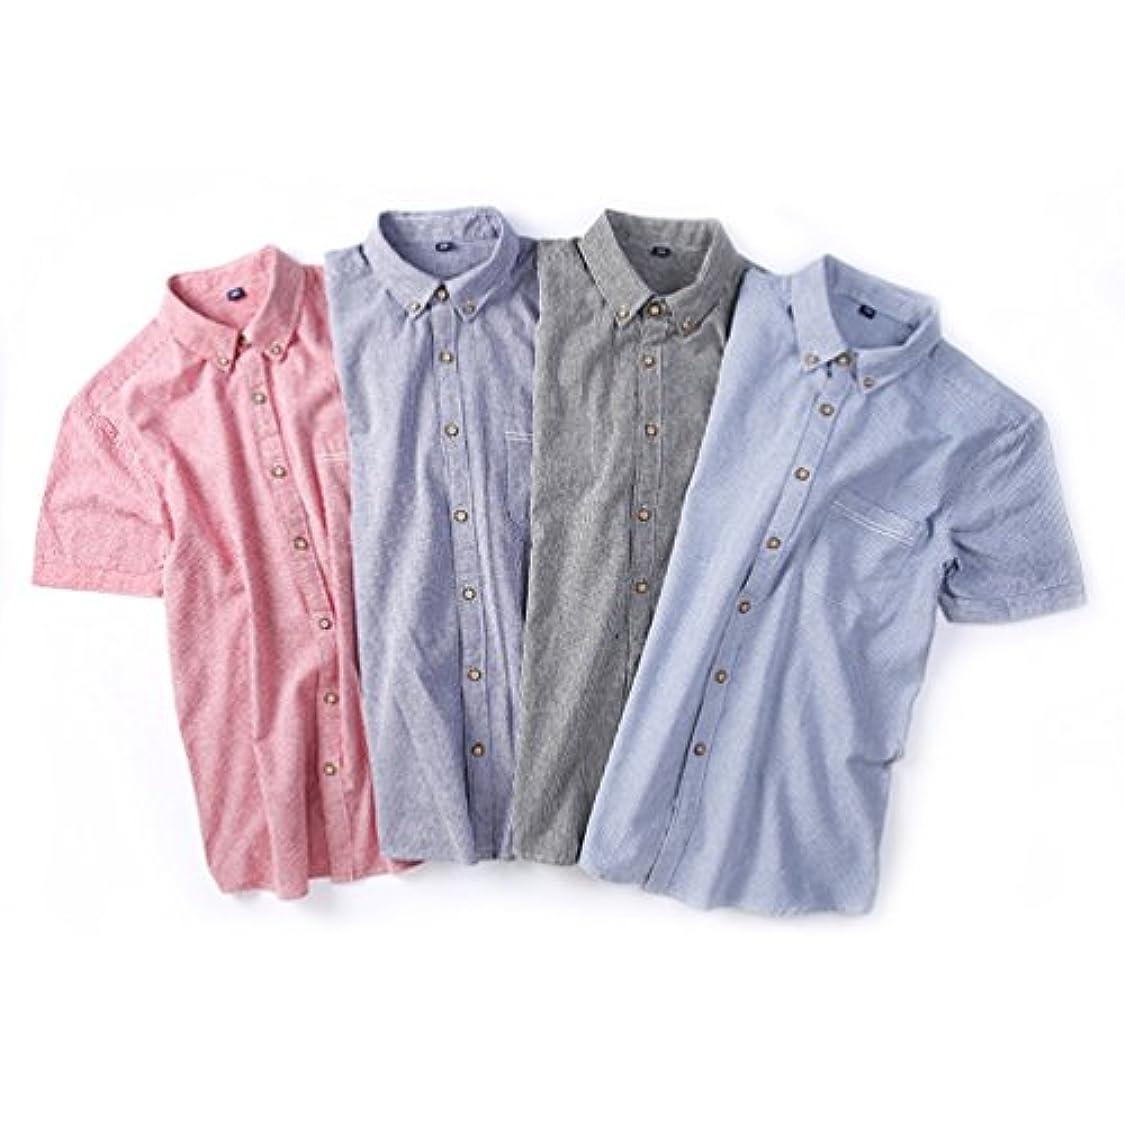 戸惑う胚発火する半袖 メンズ ワイシャツ ストライプ シンプル リゾート カジュアル 開襟 かっこいい スリム フィット カジュアル ファッション コットン カットソー アメカジ 春夏 大きいサイズ 全4色